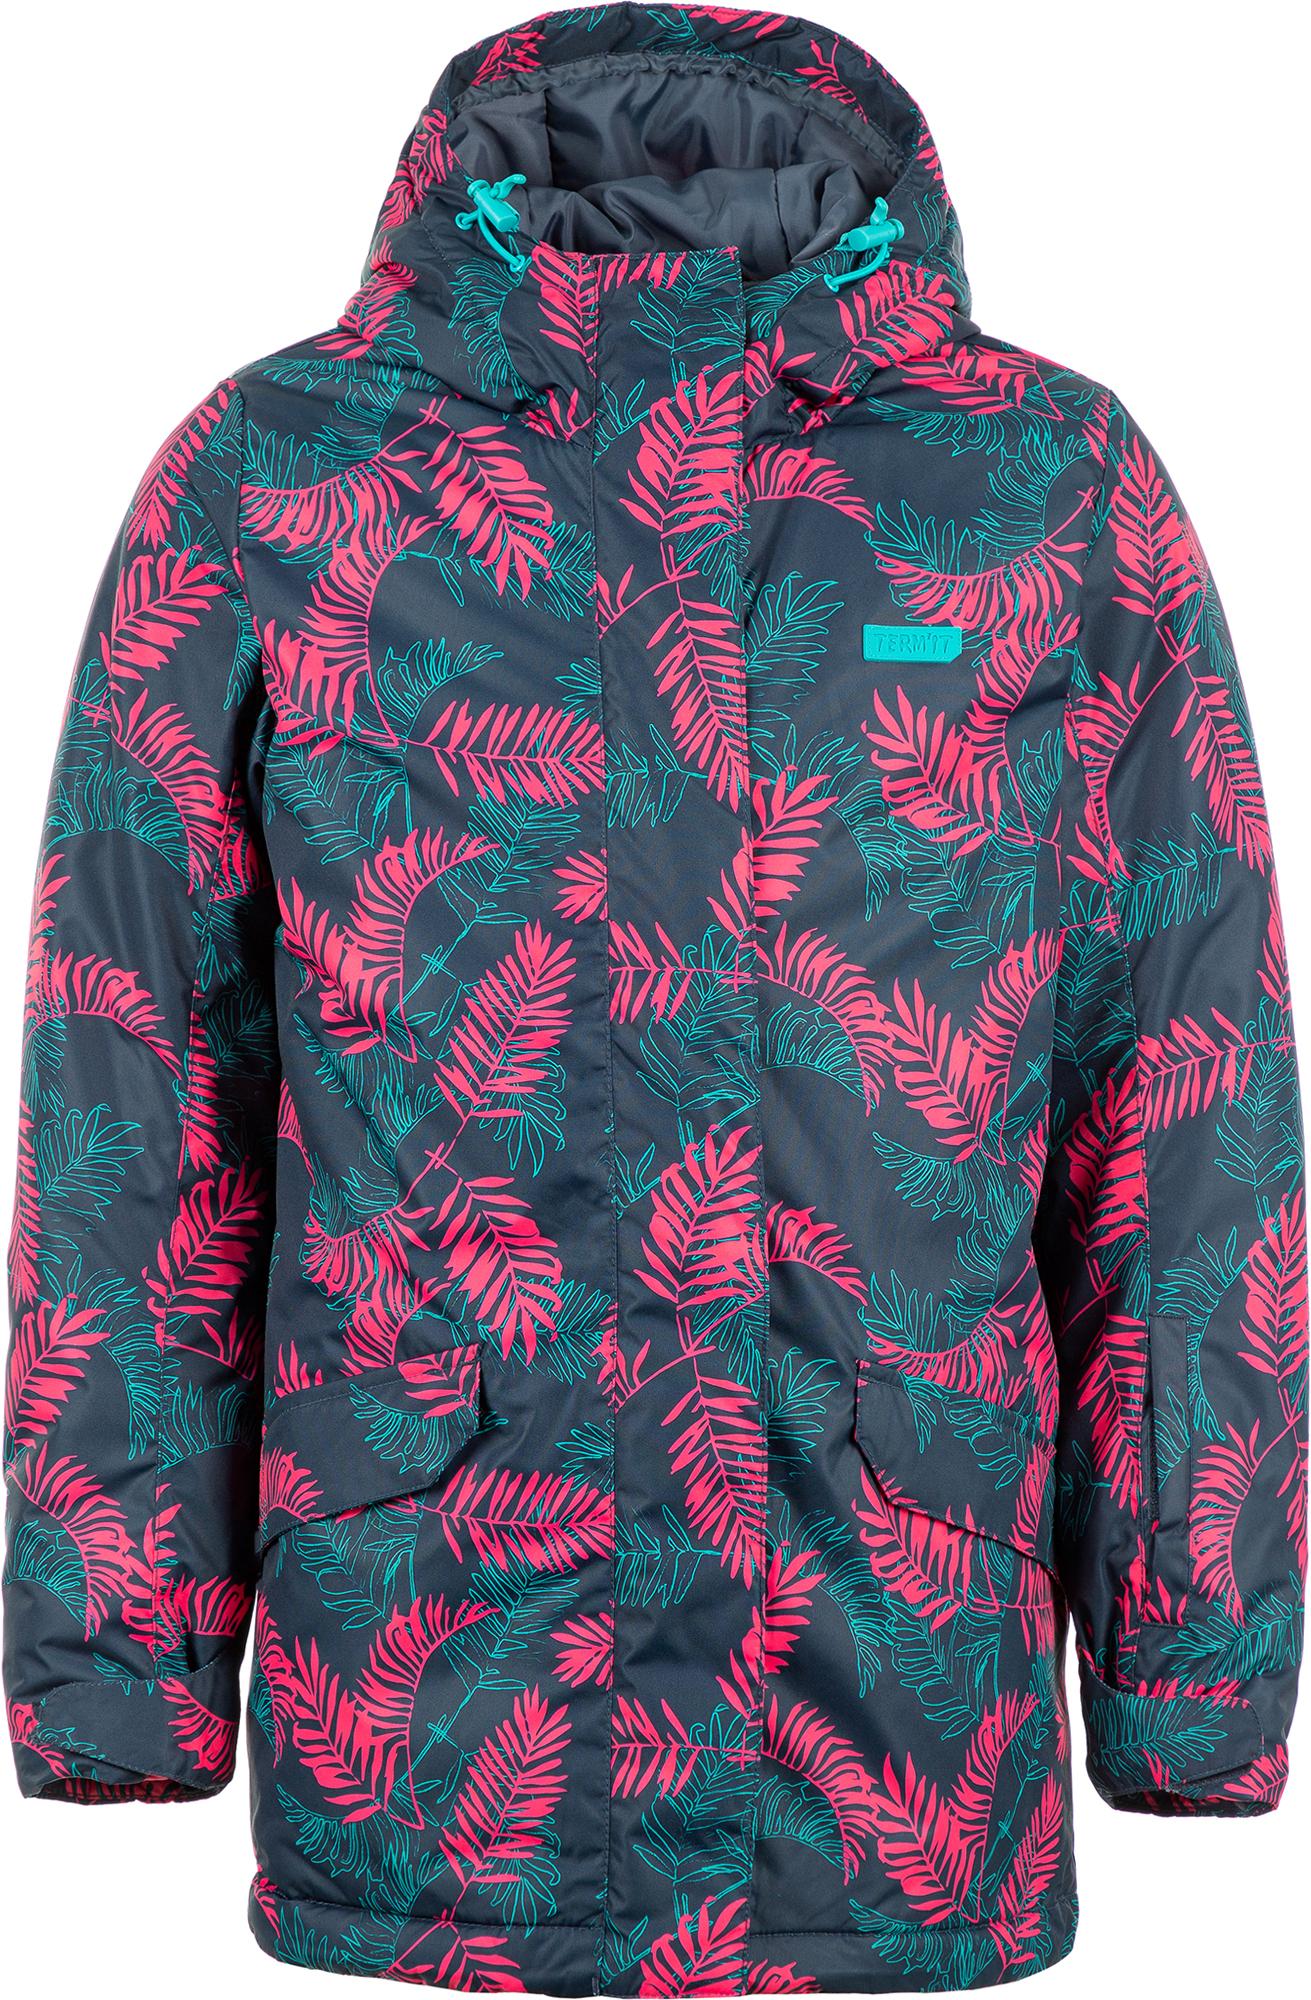 Termit Куртка утепленная для девочек Termit, размер 128